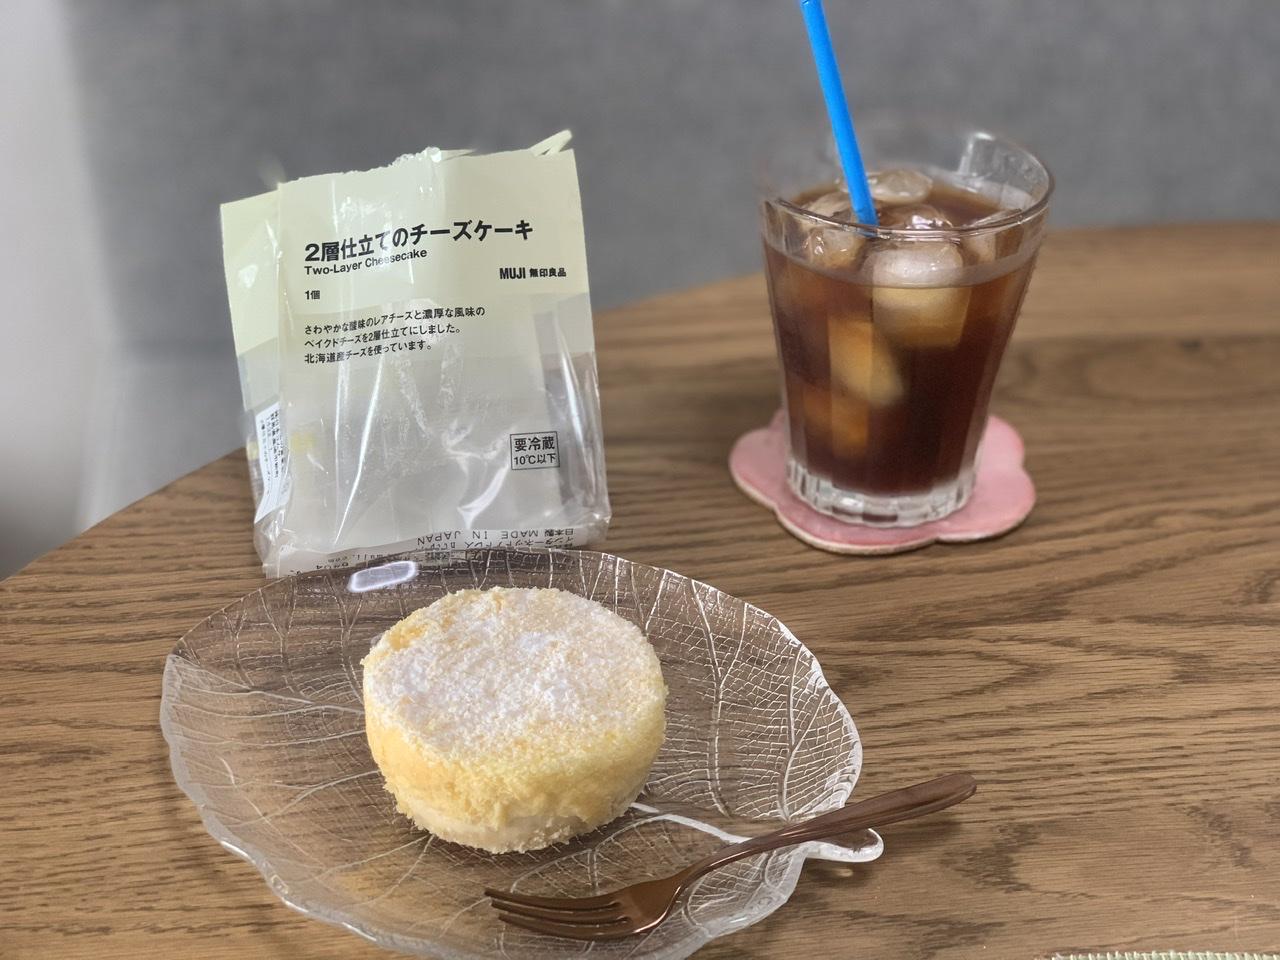 【無印スイーツ】350円は衝撃!2層仕立てのチーズケーキが本格派すぎる♡_1